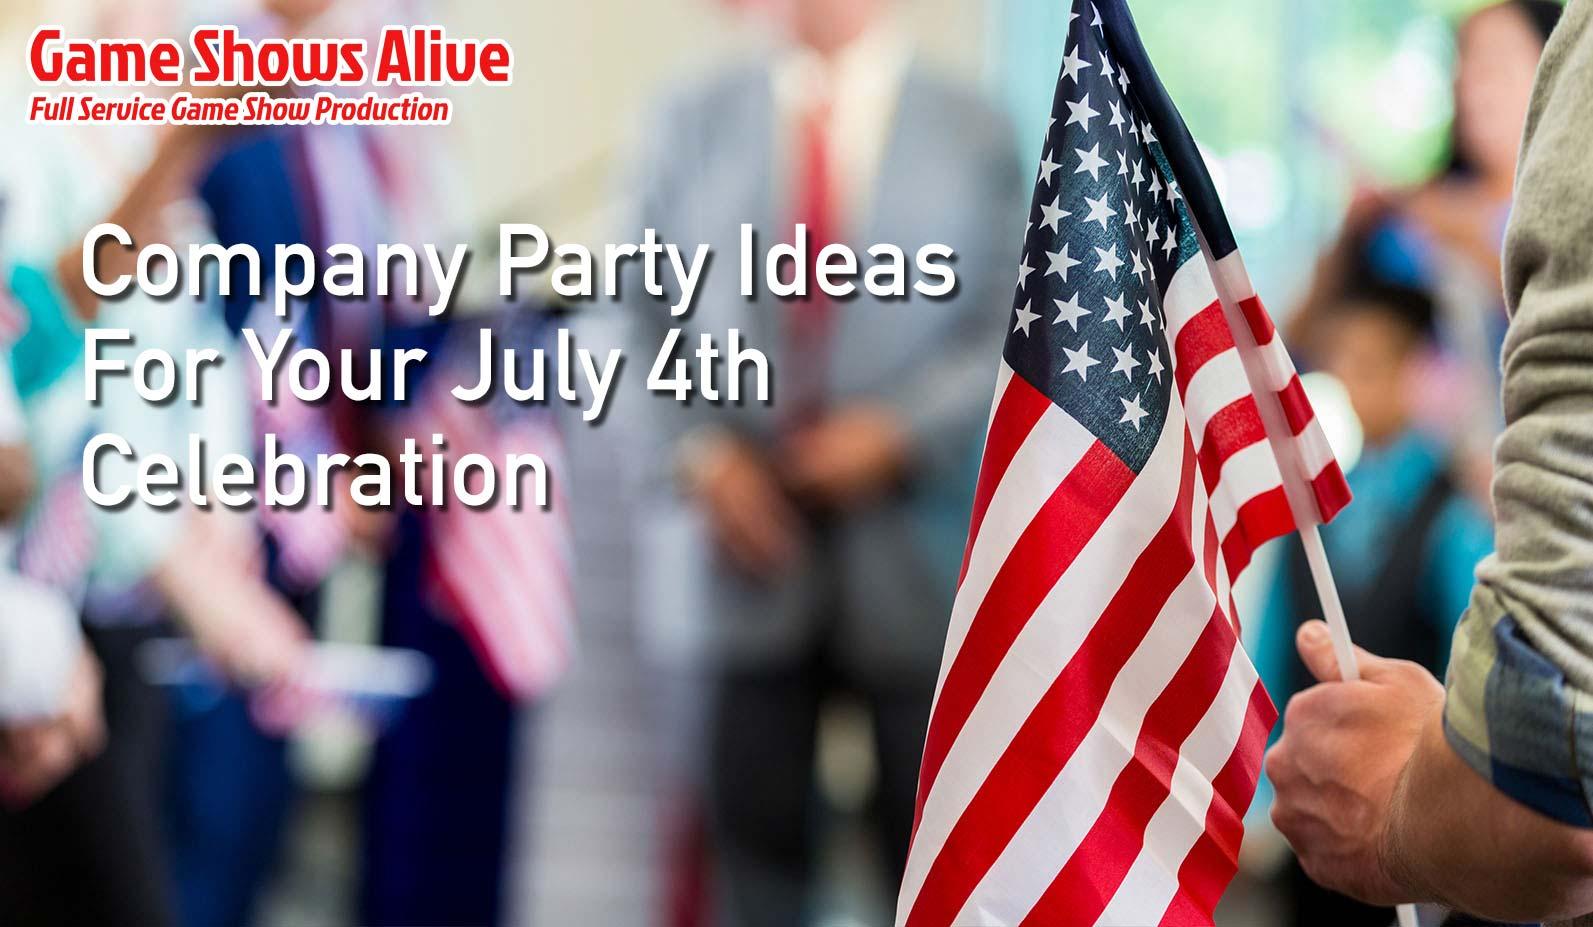 company party ideas